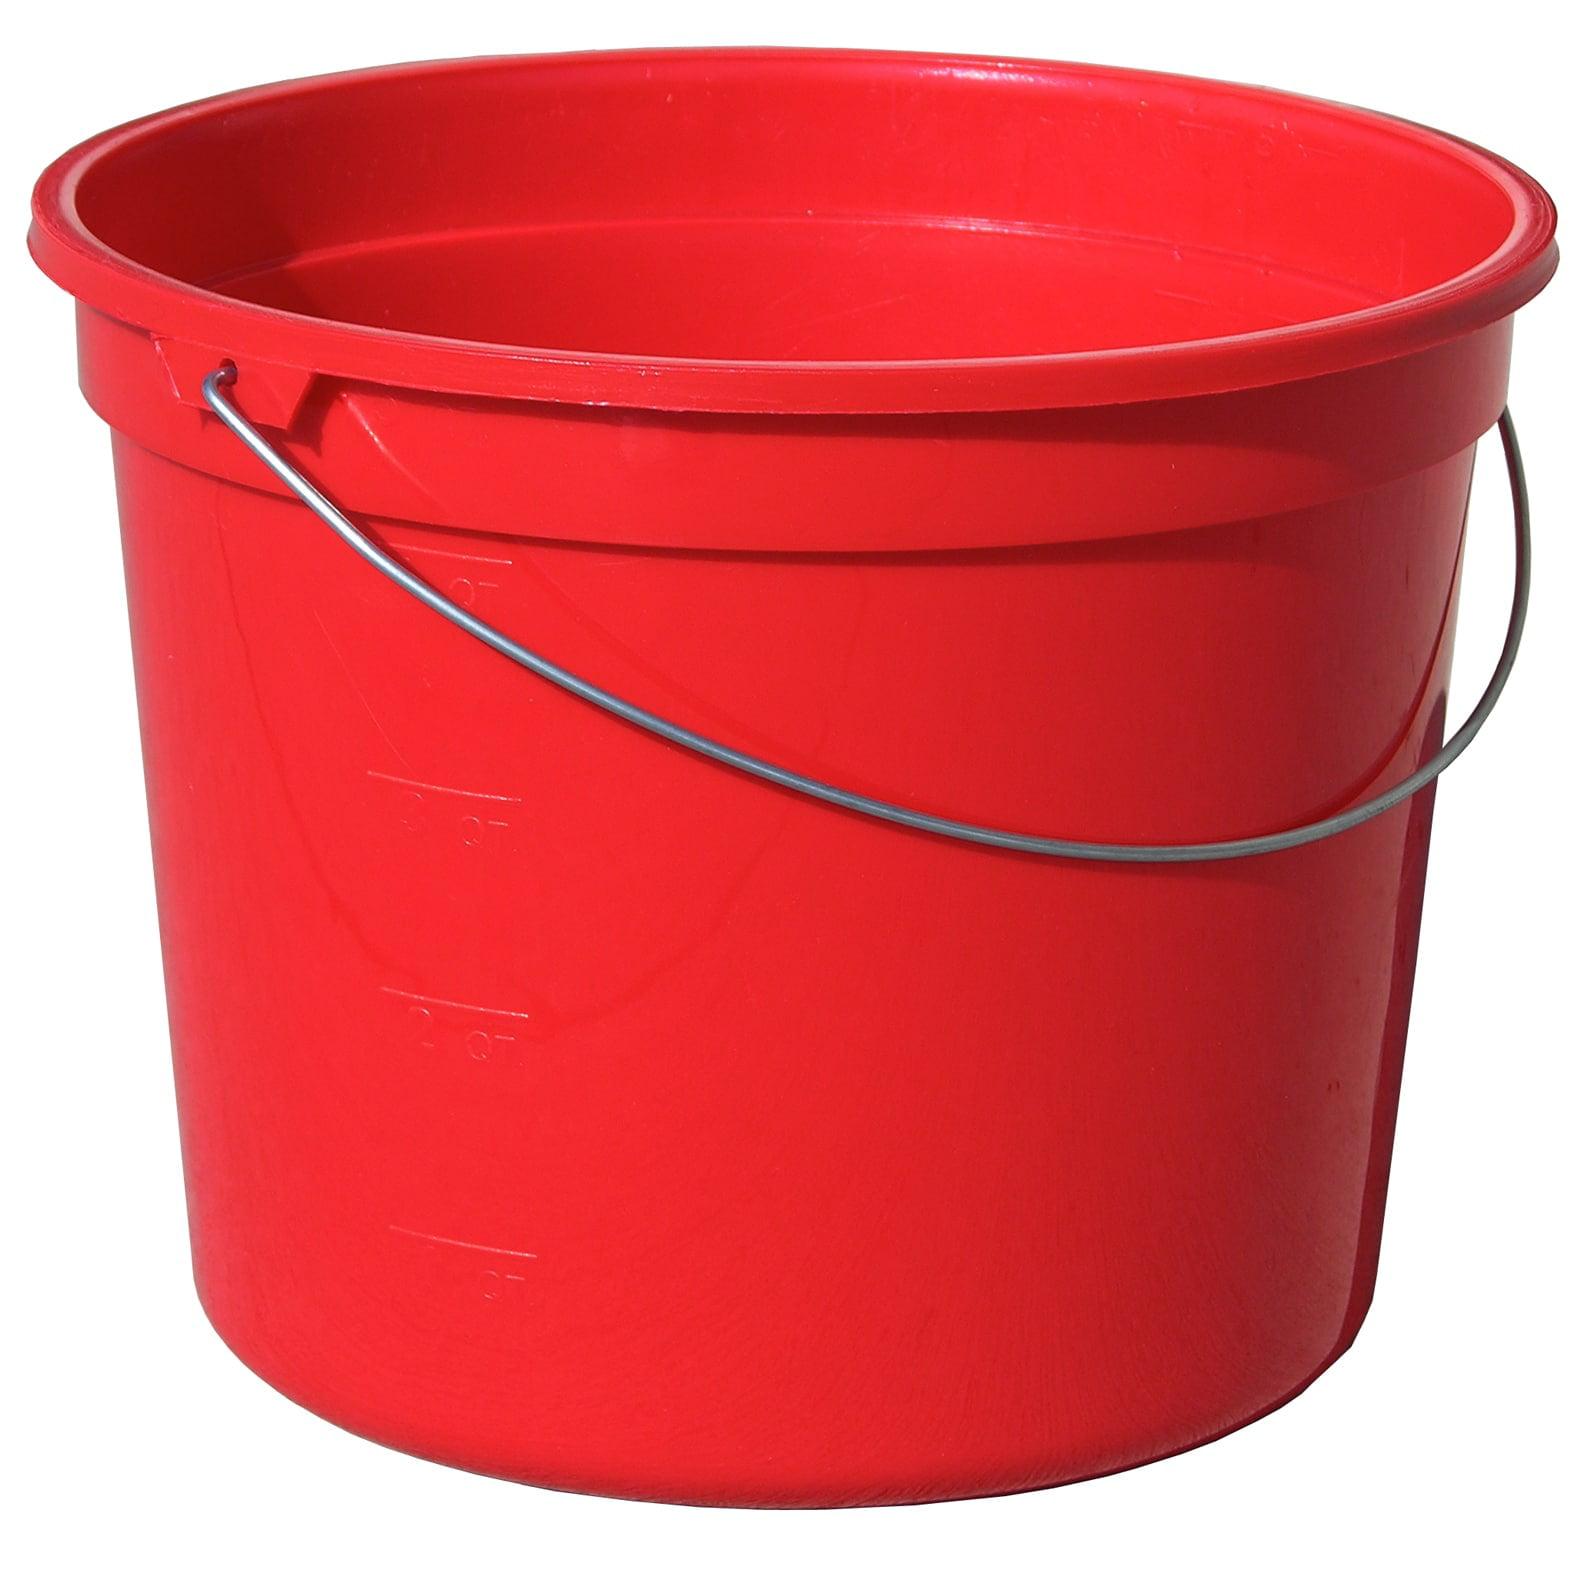 ENCORE PLASTICS 05180 Paper Container